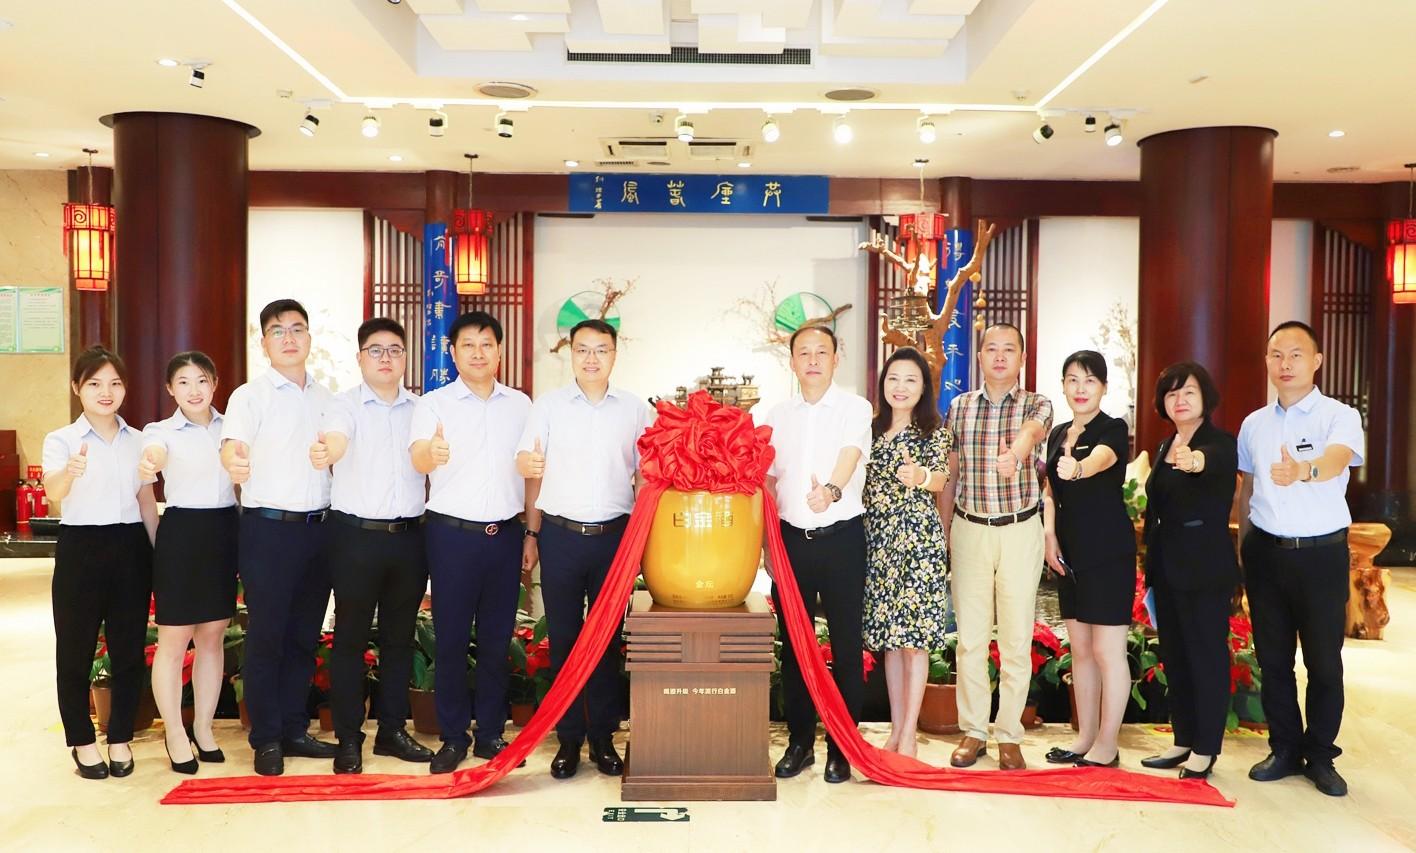 升華合作友誼 助力和合共贏 | 白金酒公司參訪慰問河南裕豐源酒店